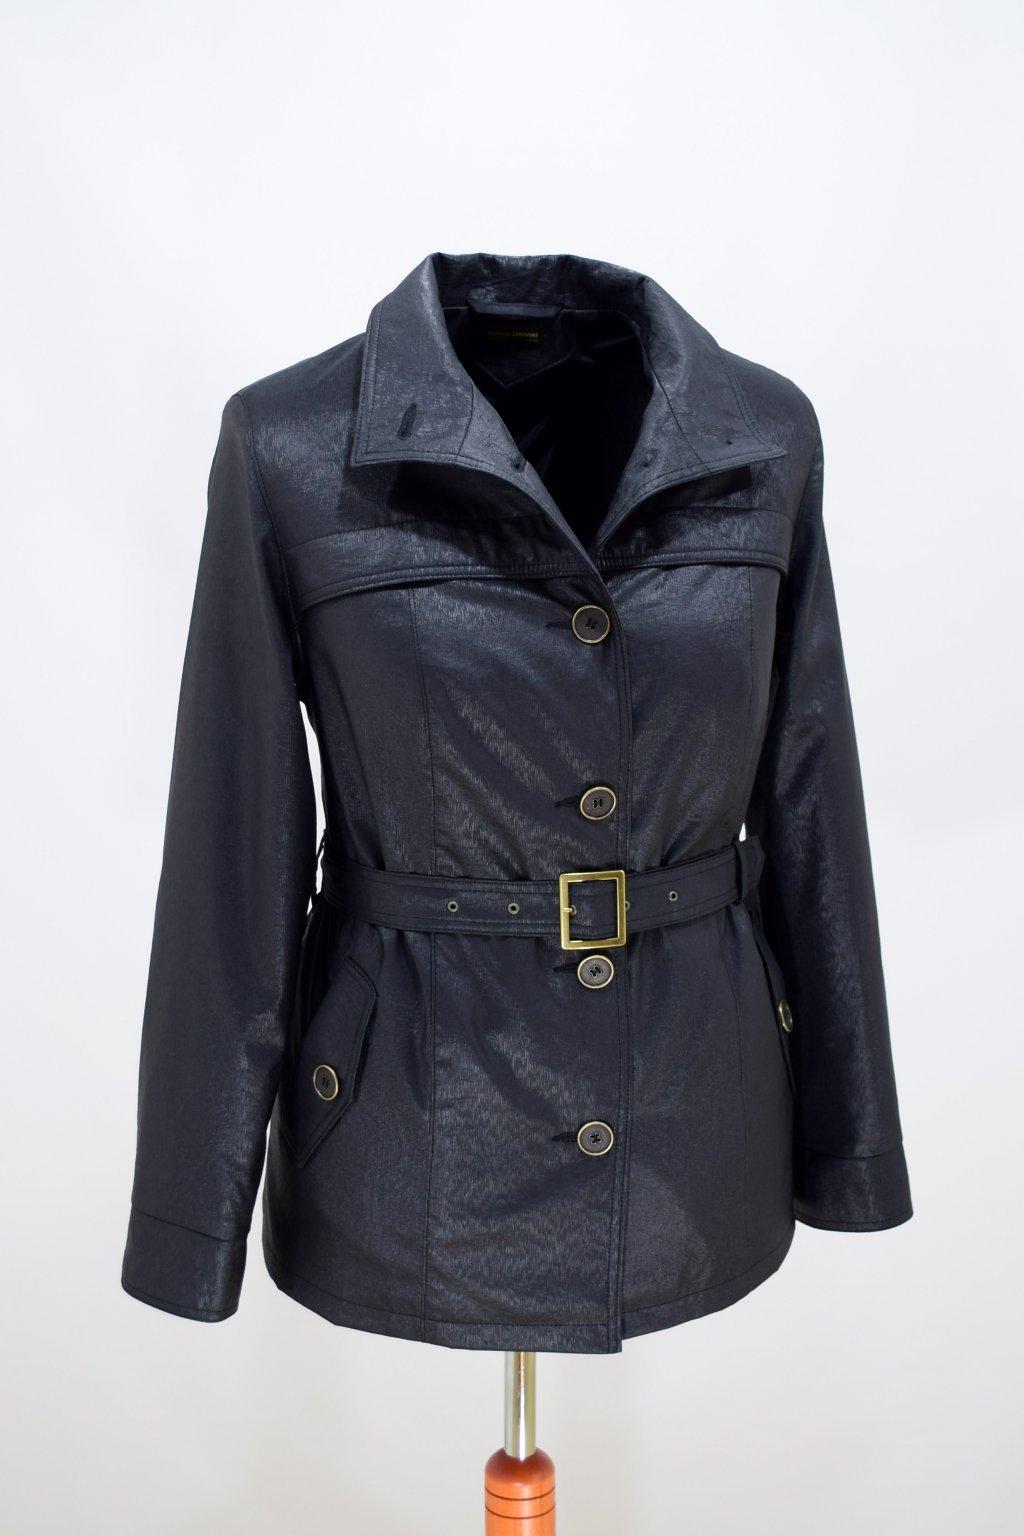 Dámský černý jarní kabátek Laura nadměrné velikosti.